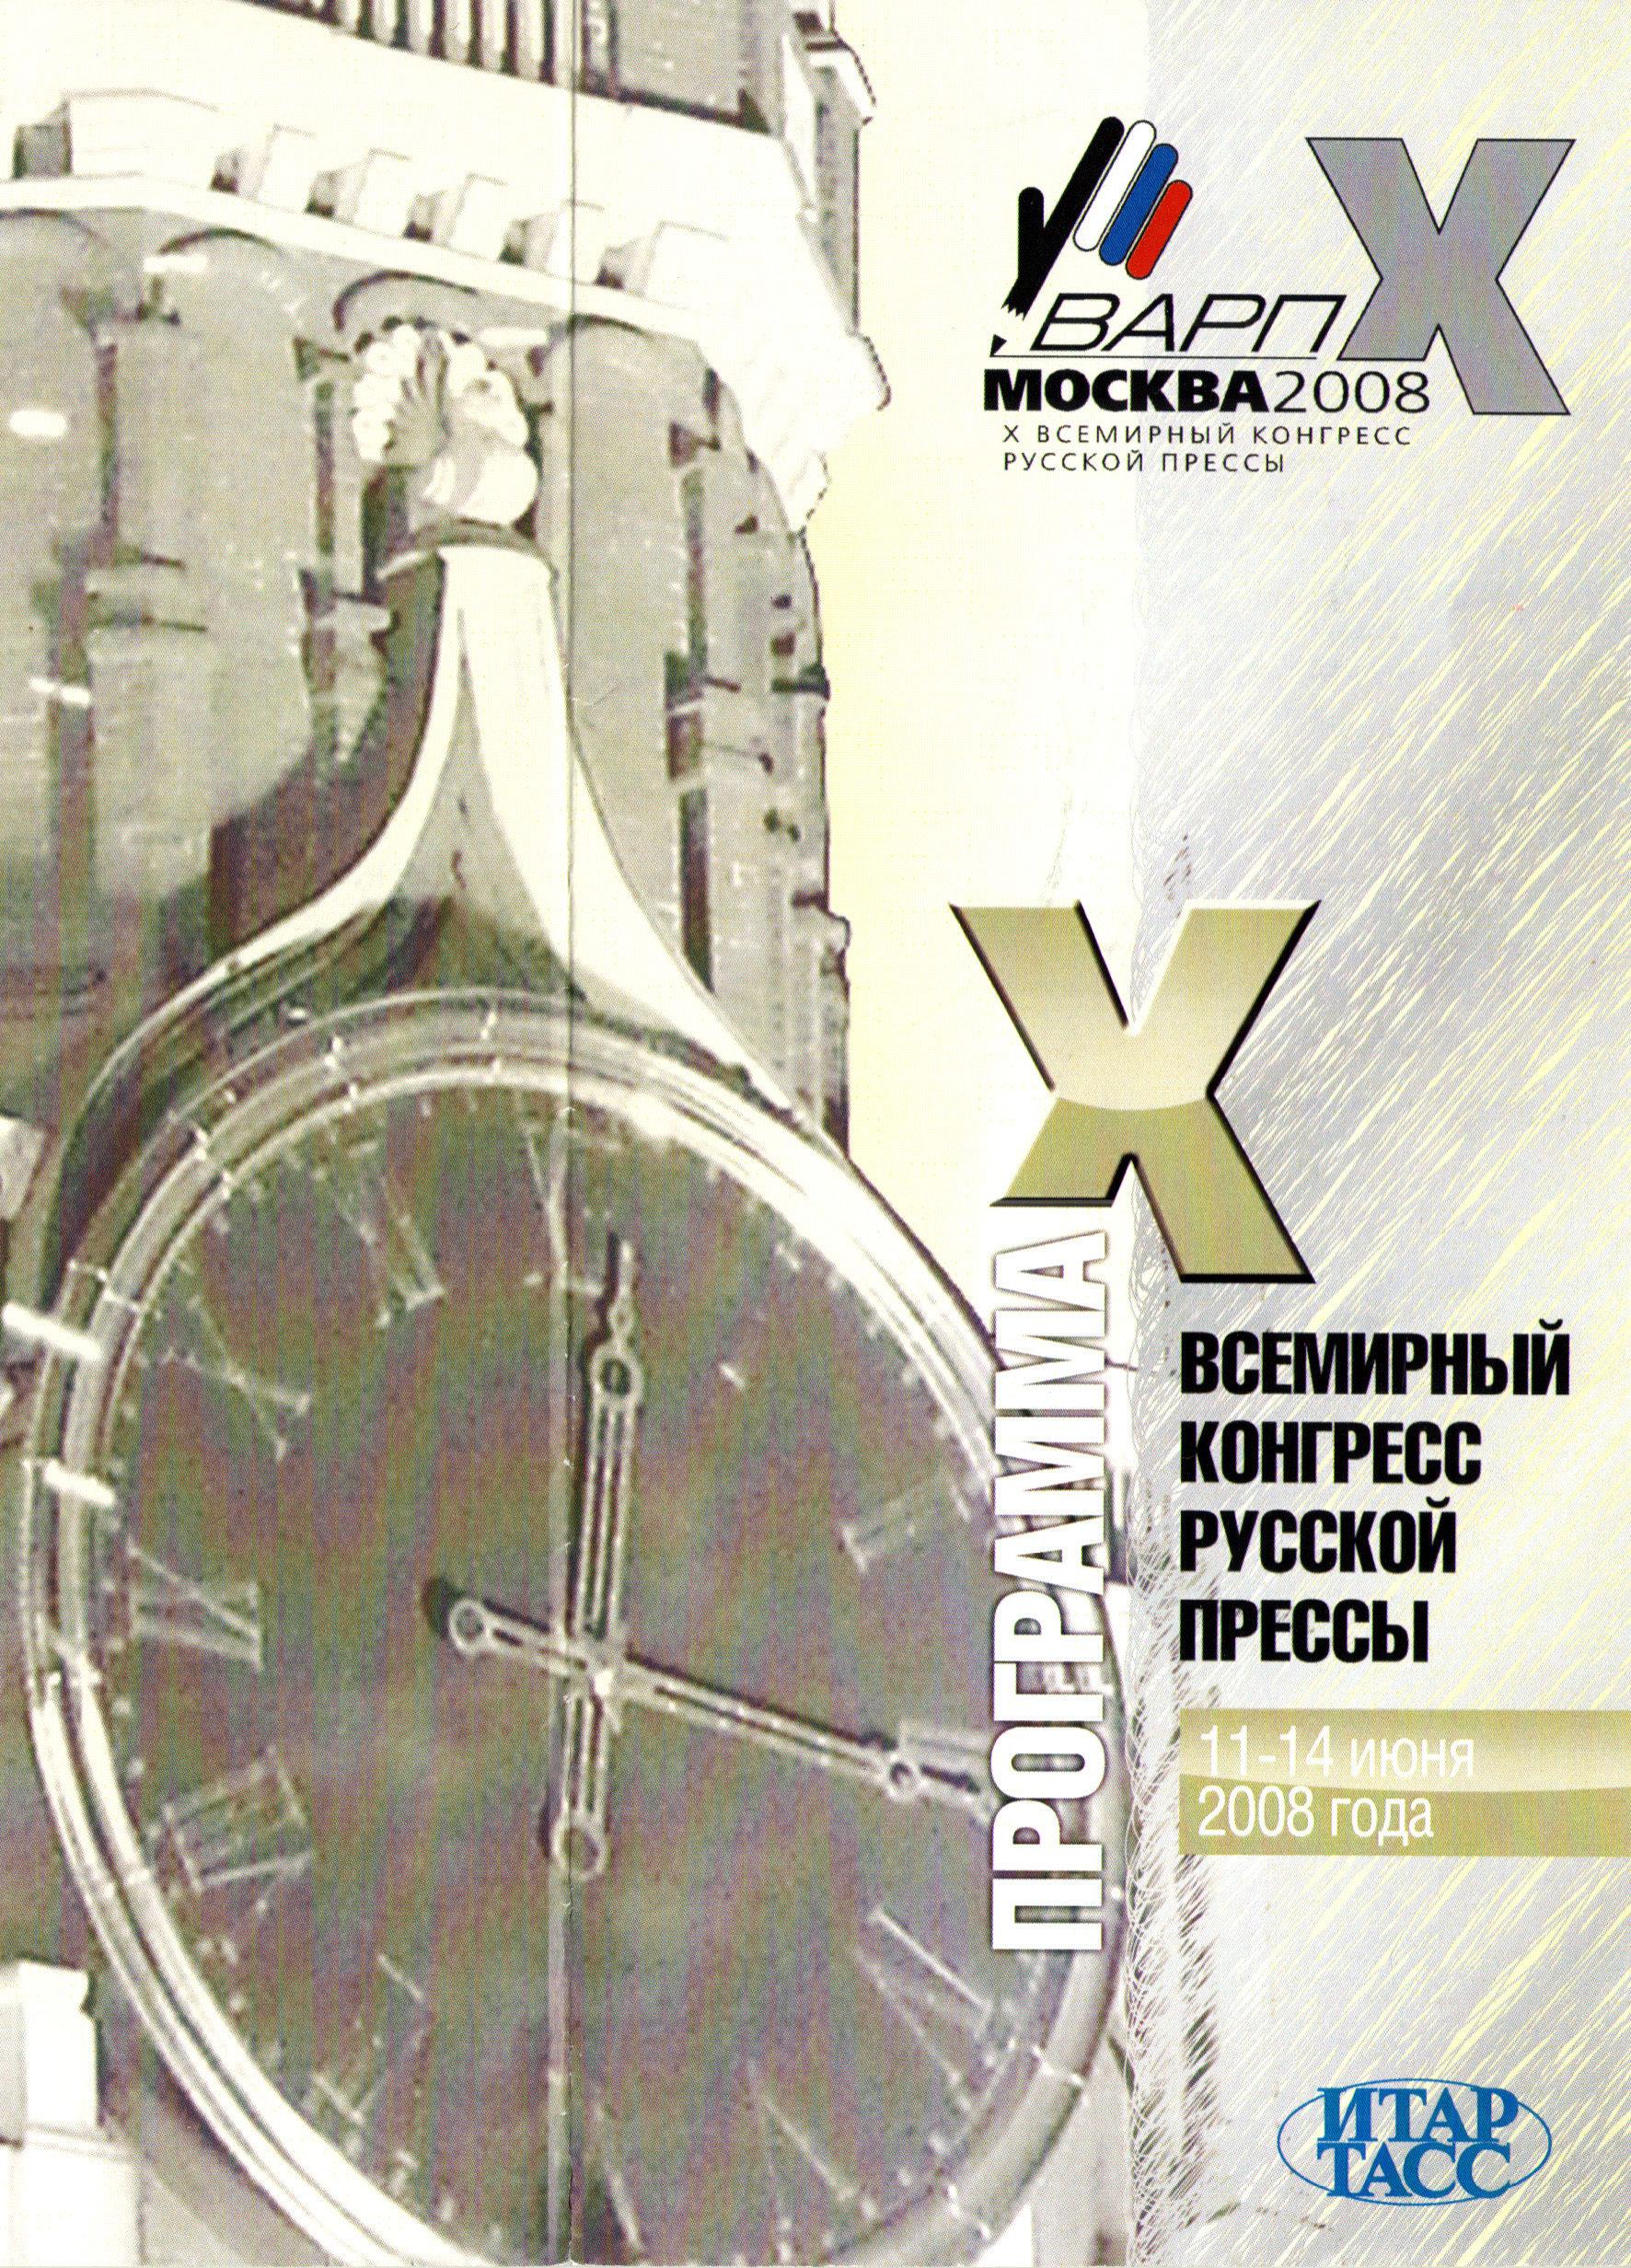 Конгресс русской прессы ВАРП